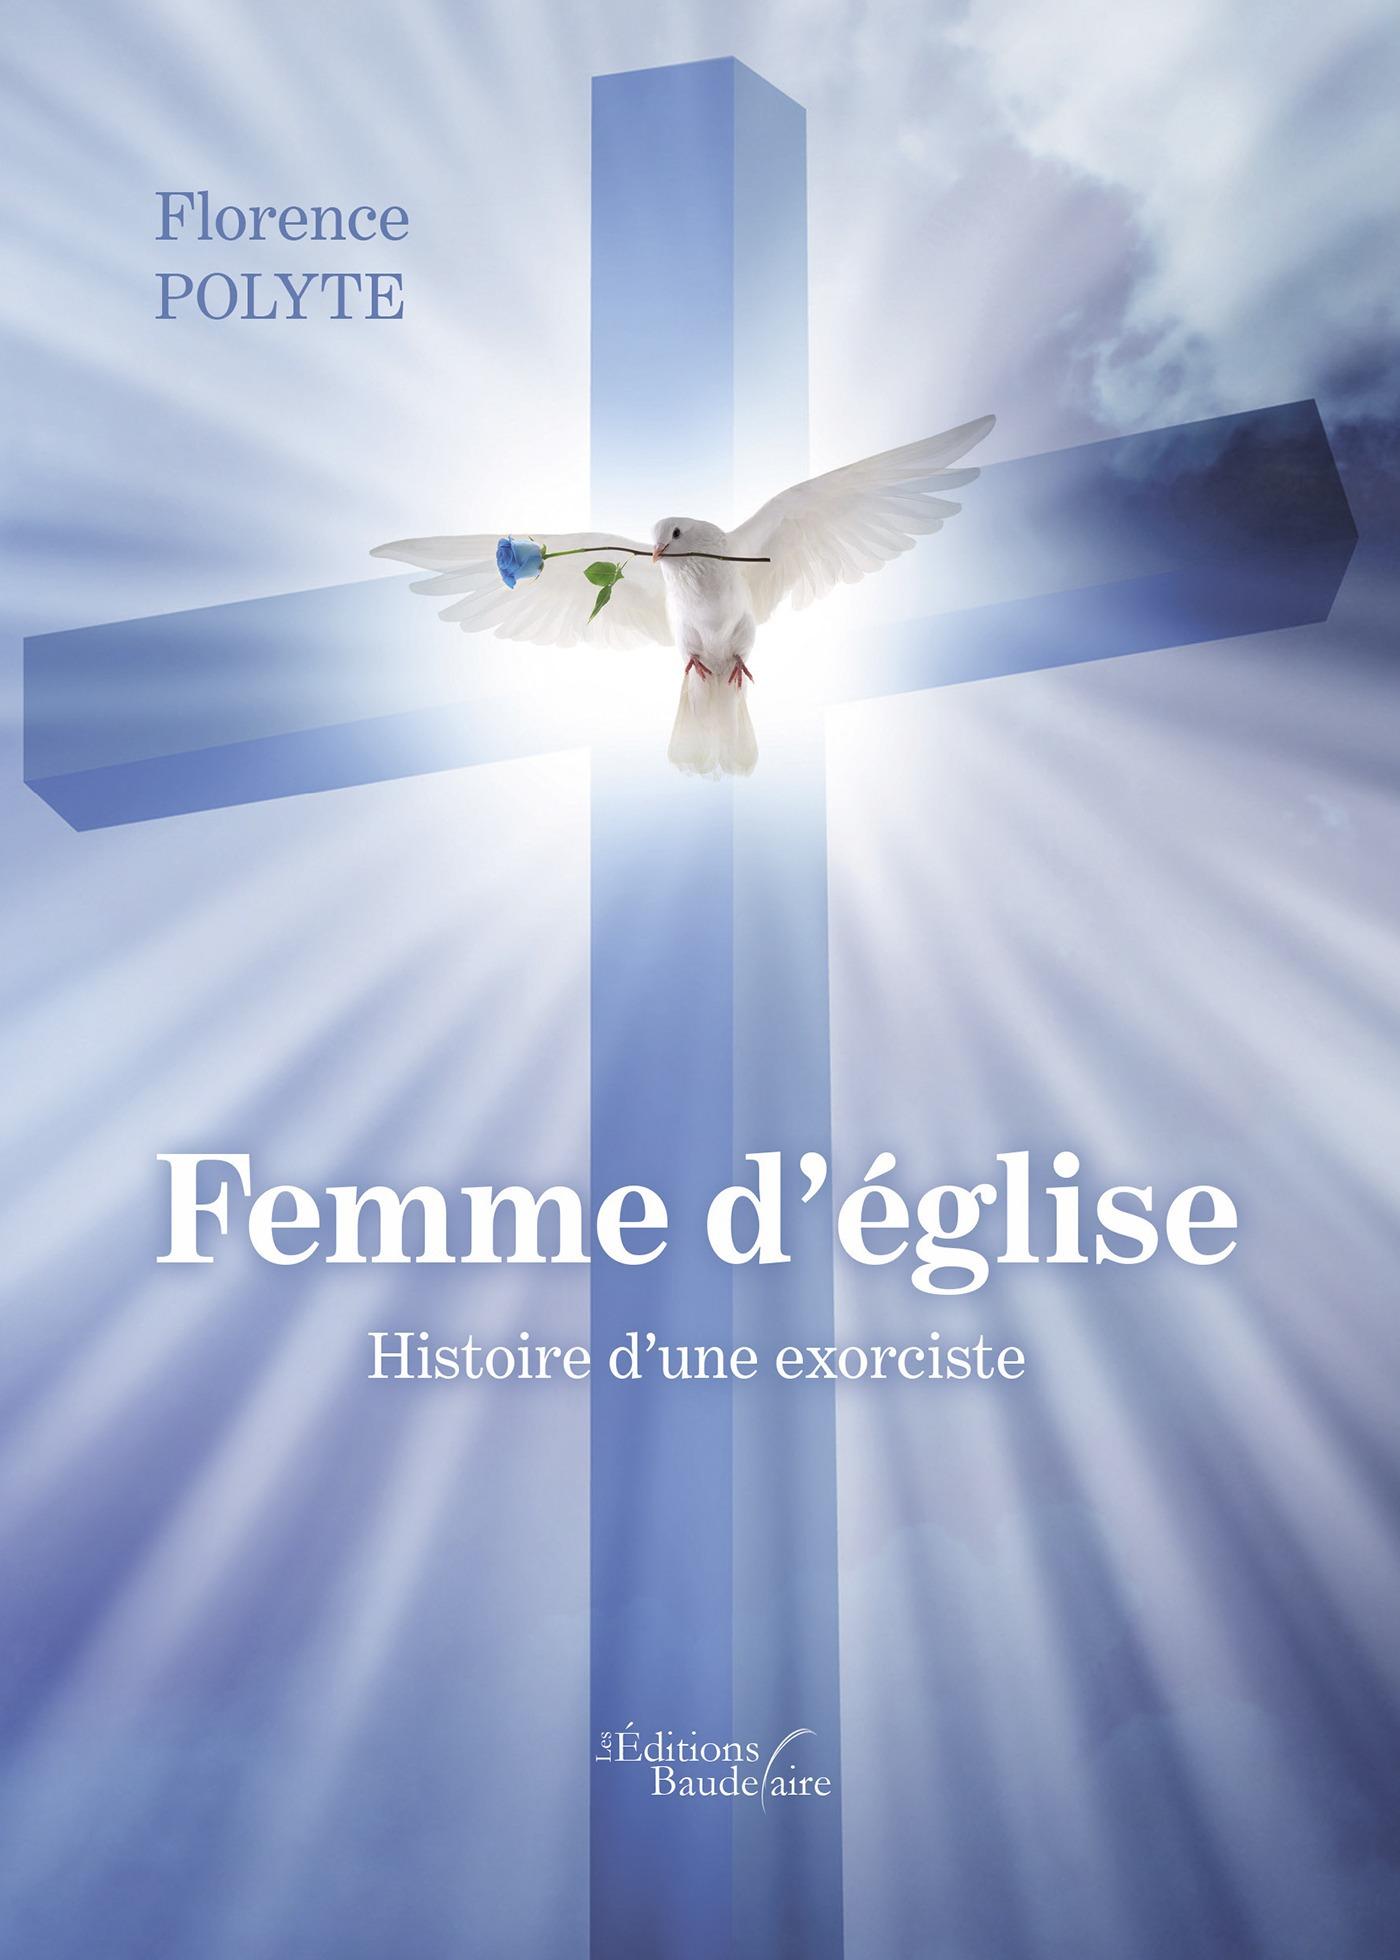 Florence Polyte Femme d'église - Histoire d'une exorciste